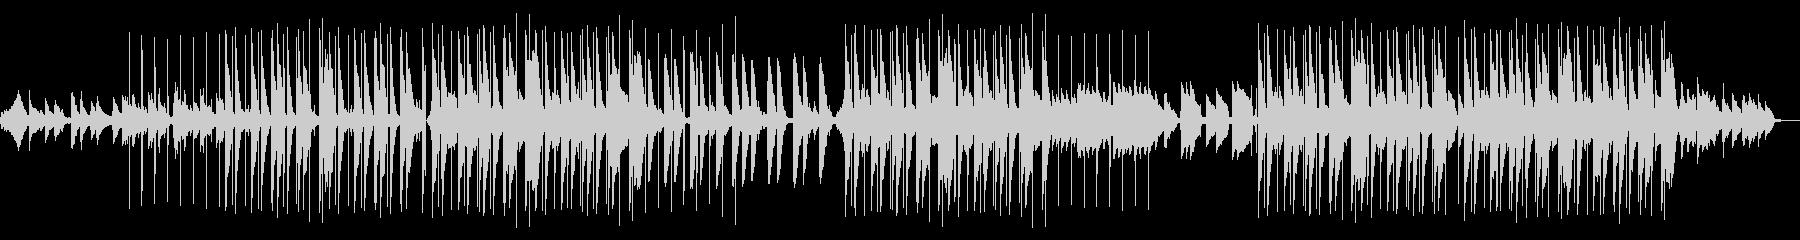 生演奏/感動的エンディングおすすめポップの未再生の波形